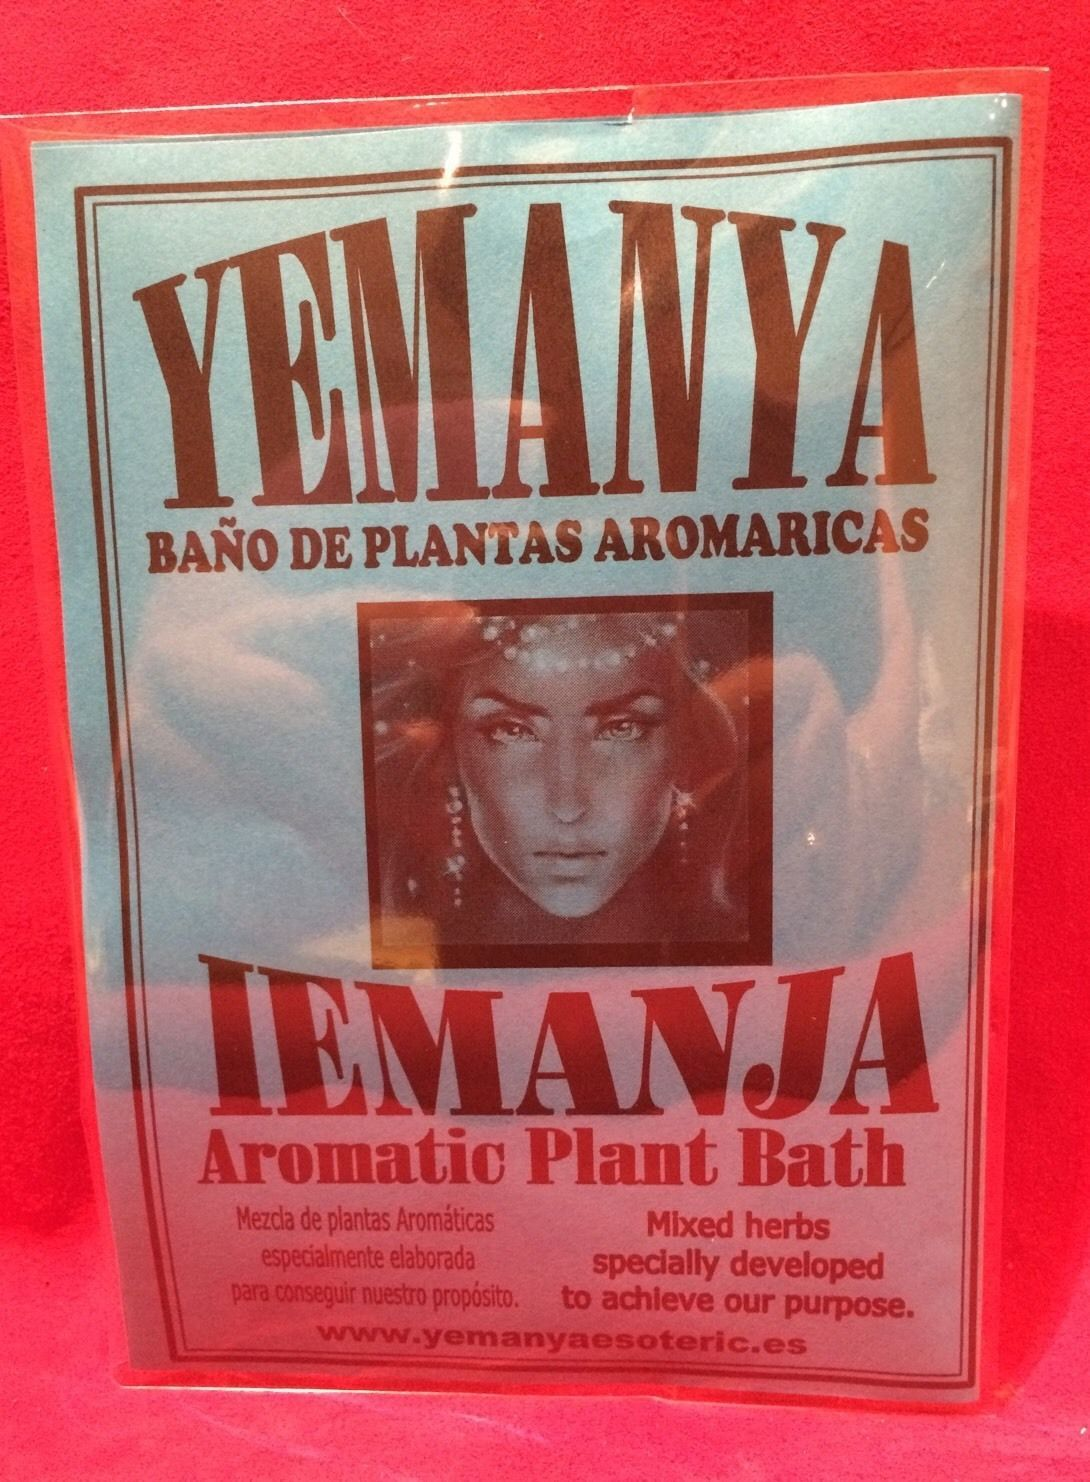 BAÑO DE PLANTAS YEMANYA